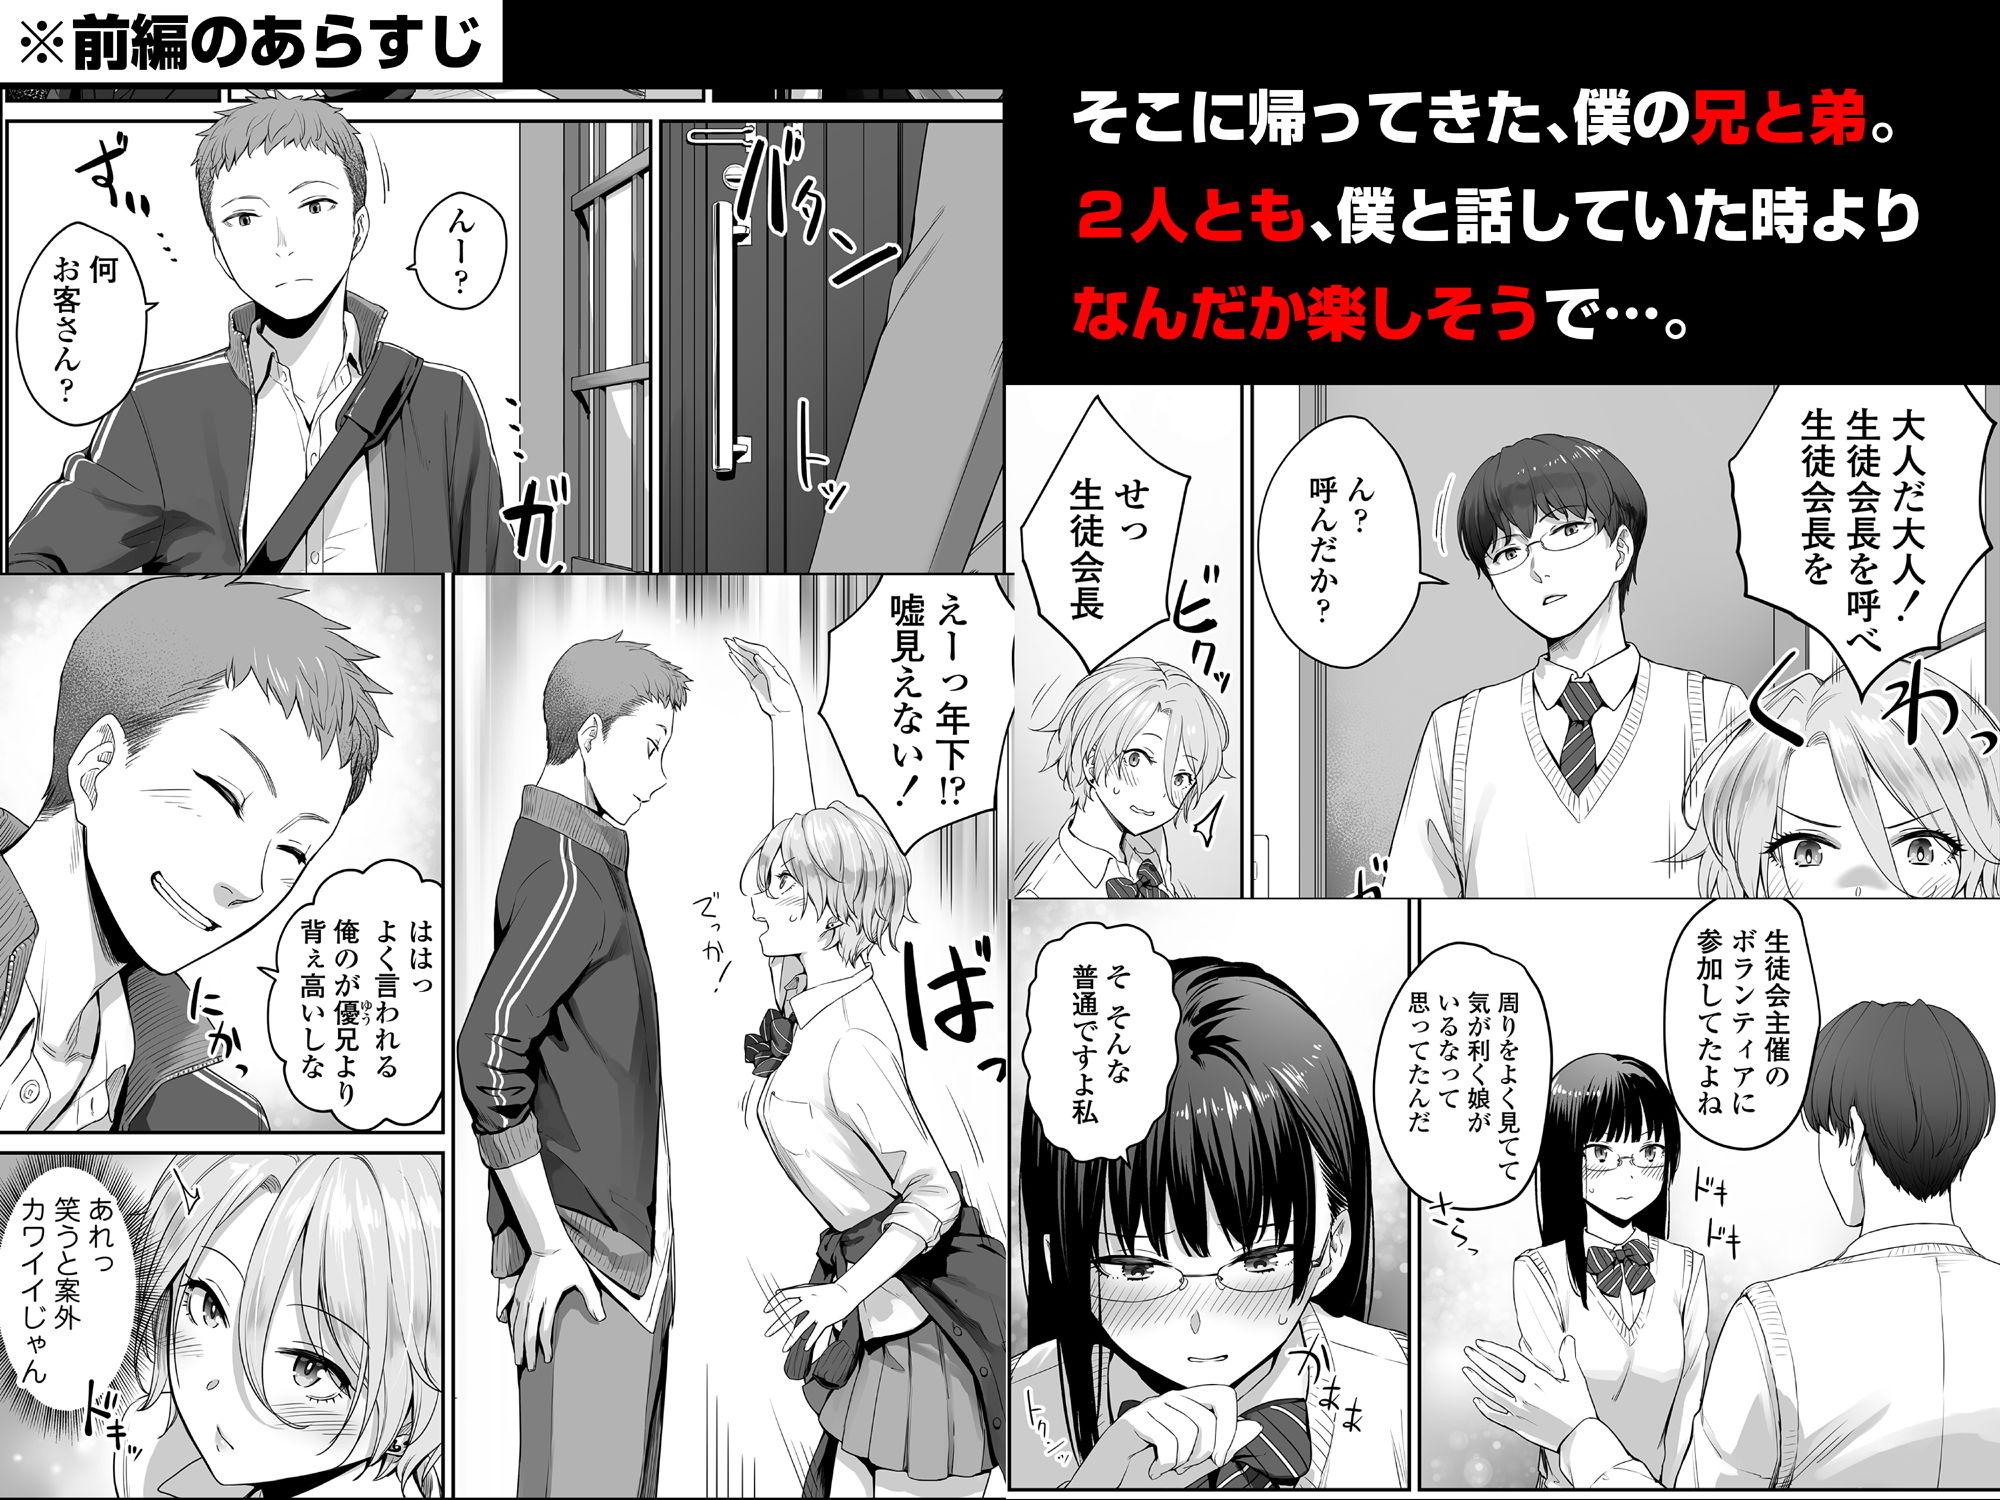 【エロ漫画】ぼくだけがセックスできない家 続編 著・紅村かる 【同人コミック】#2